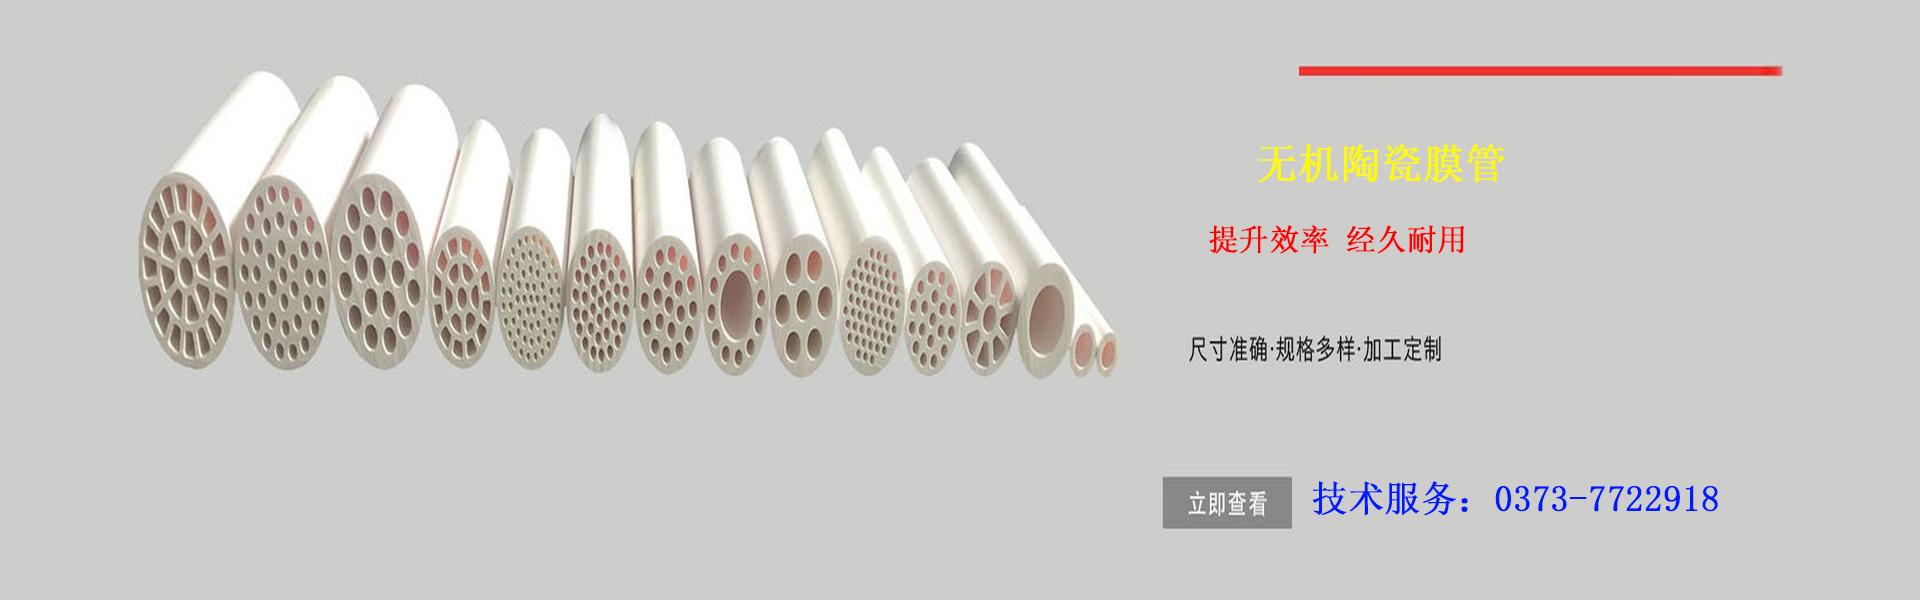 無機陶瓷膜19孔 37孔 長度250-1200mm